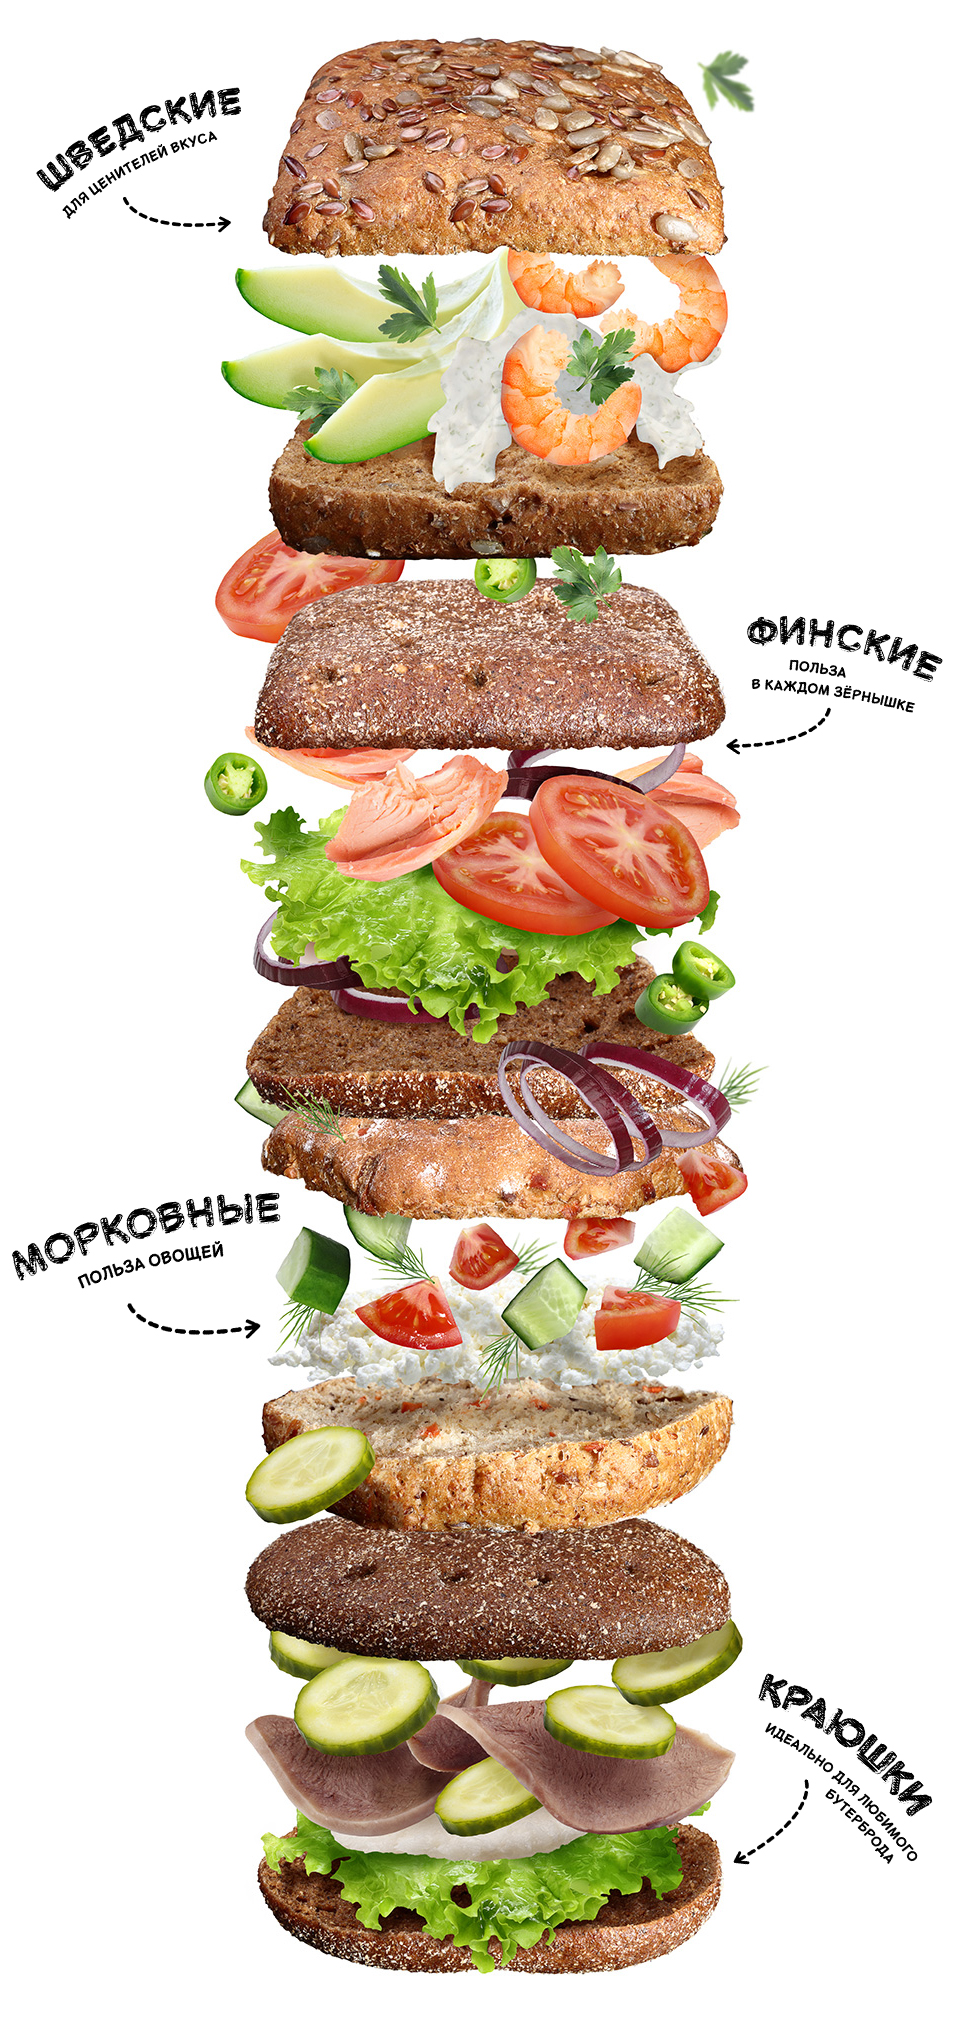 HK_breads_sandwich1